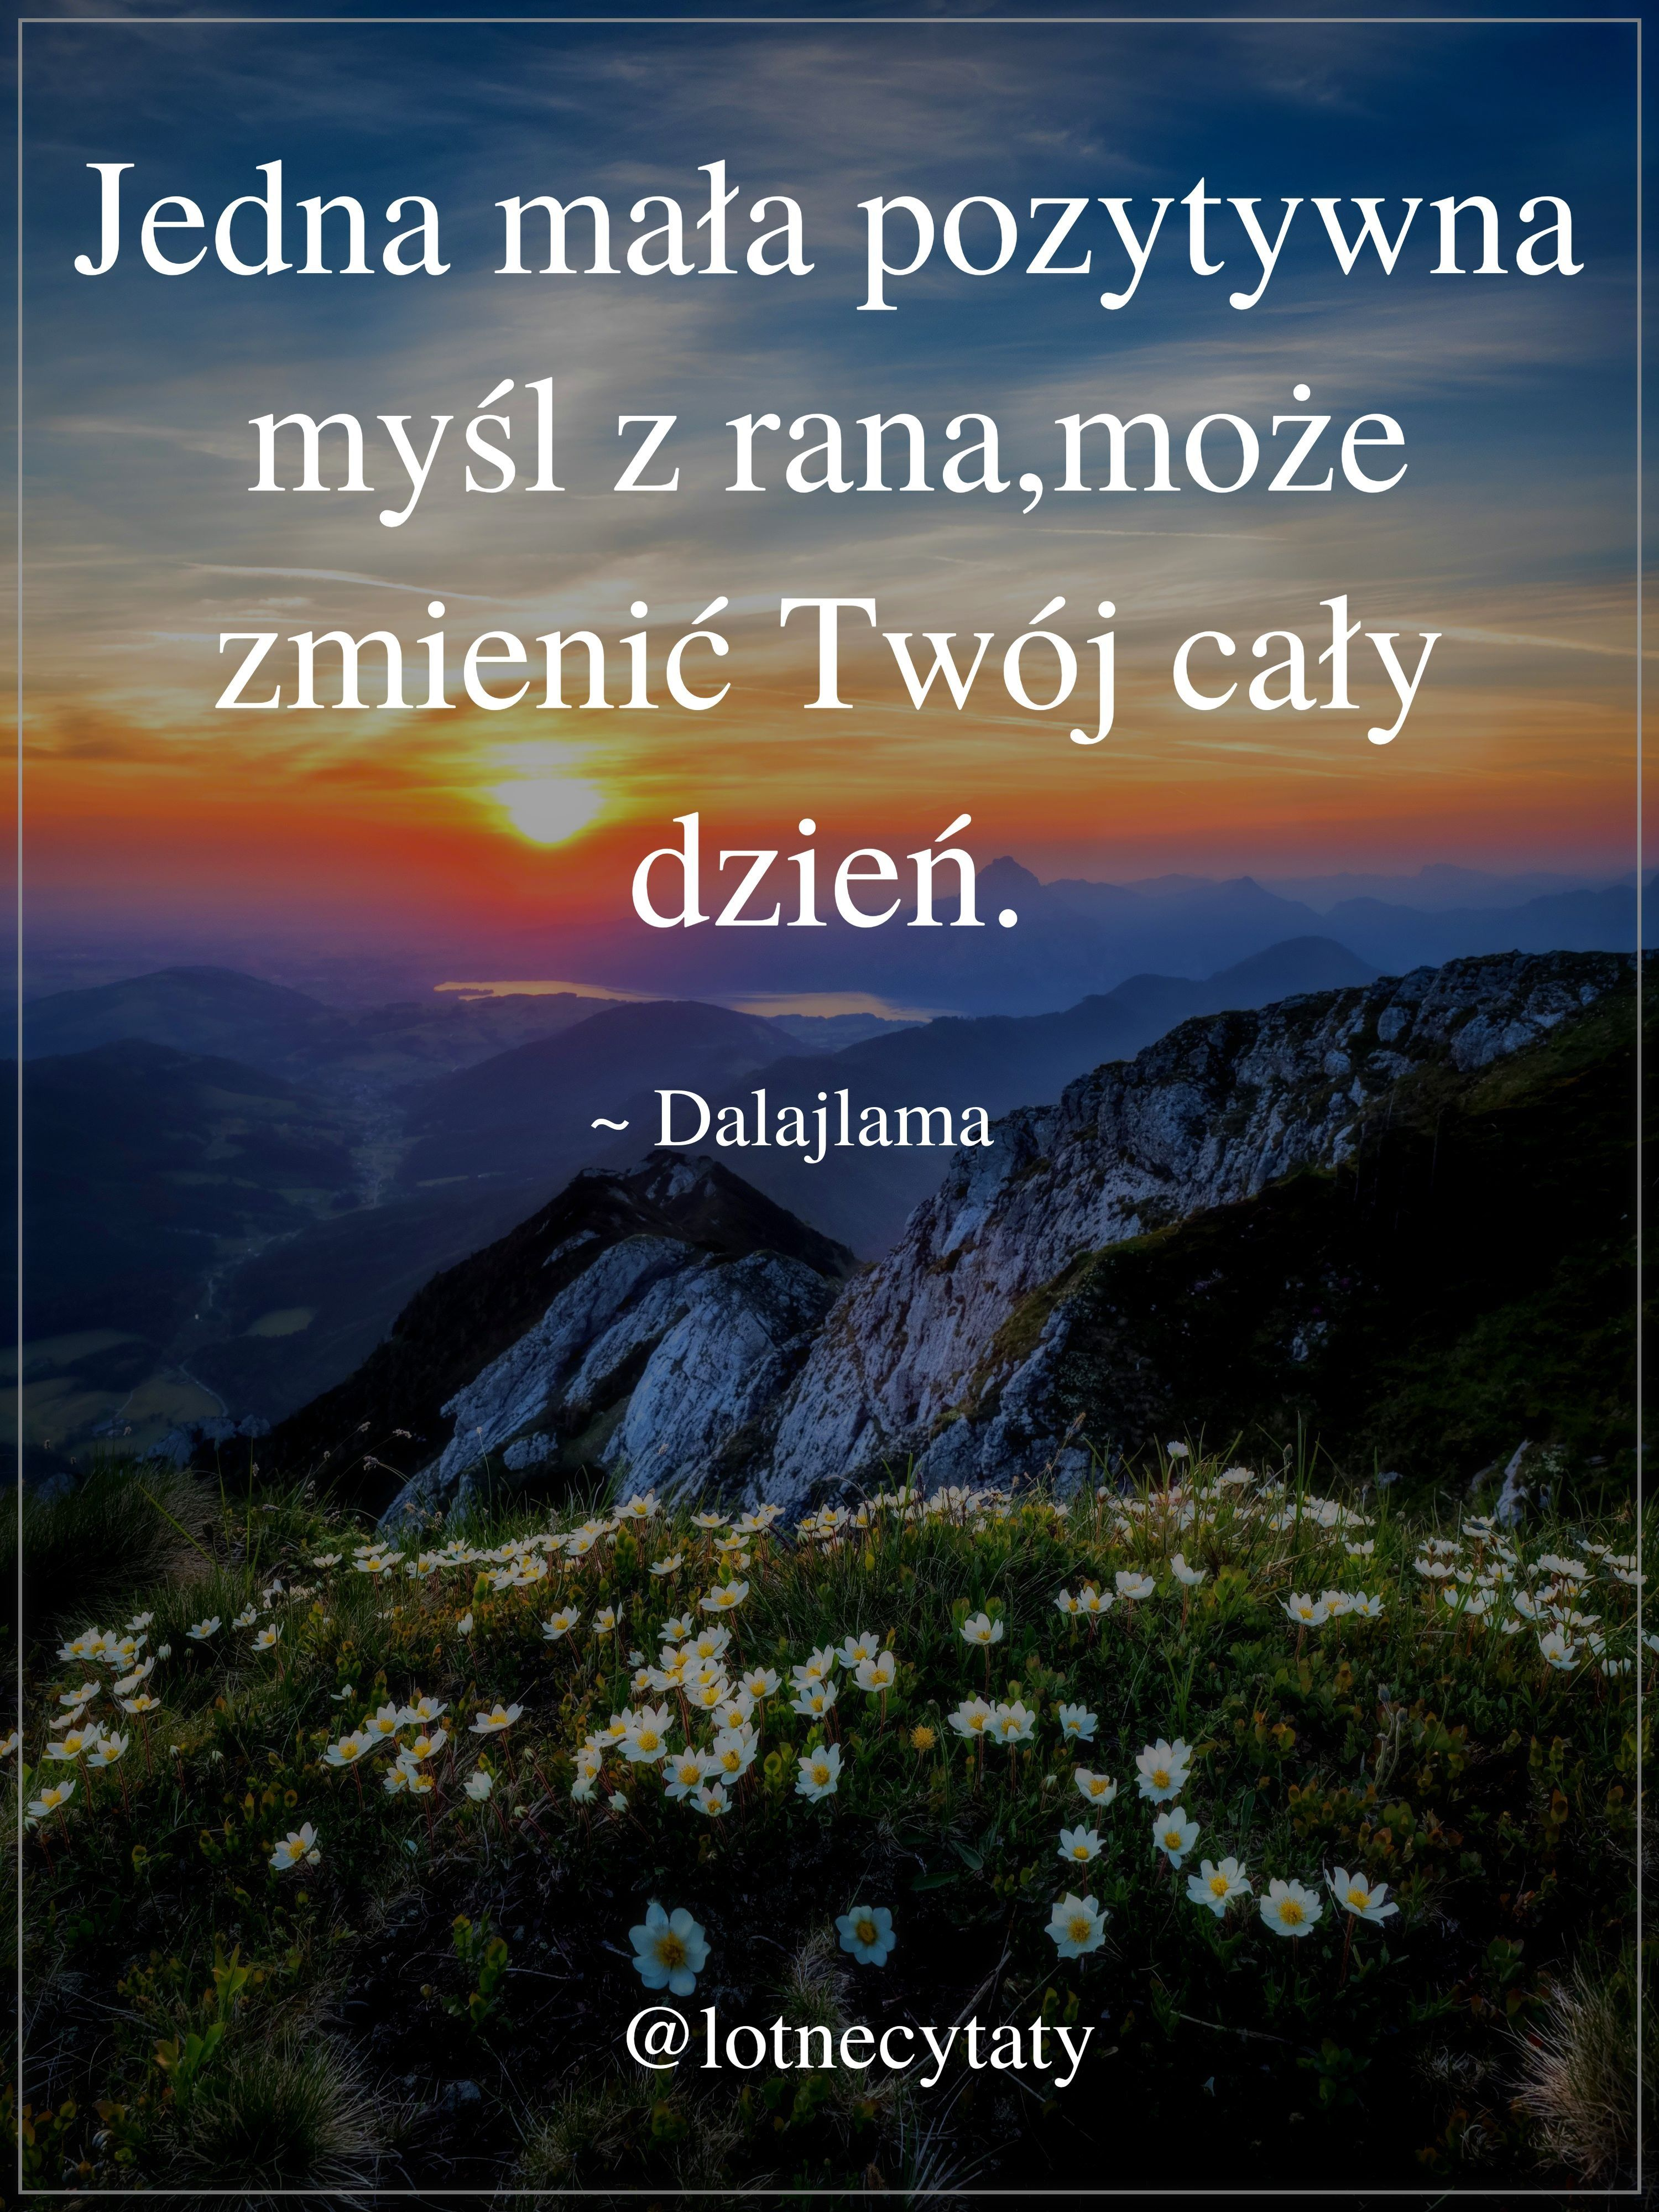 Wartość Jednej Myśli Cytatydalajlamy Dalajlama Cytaty